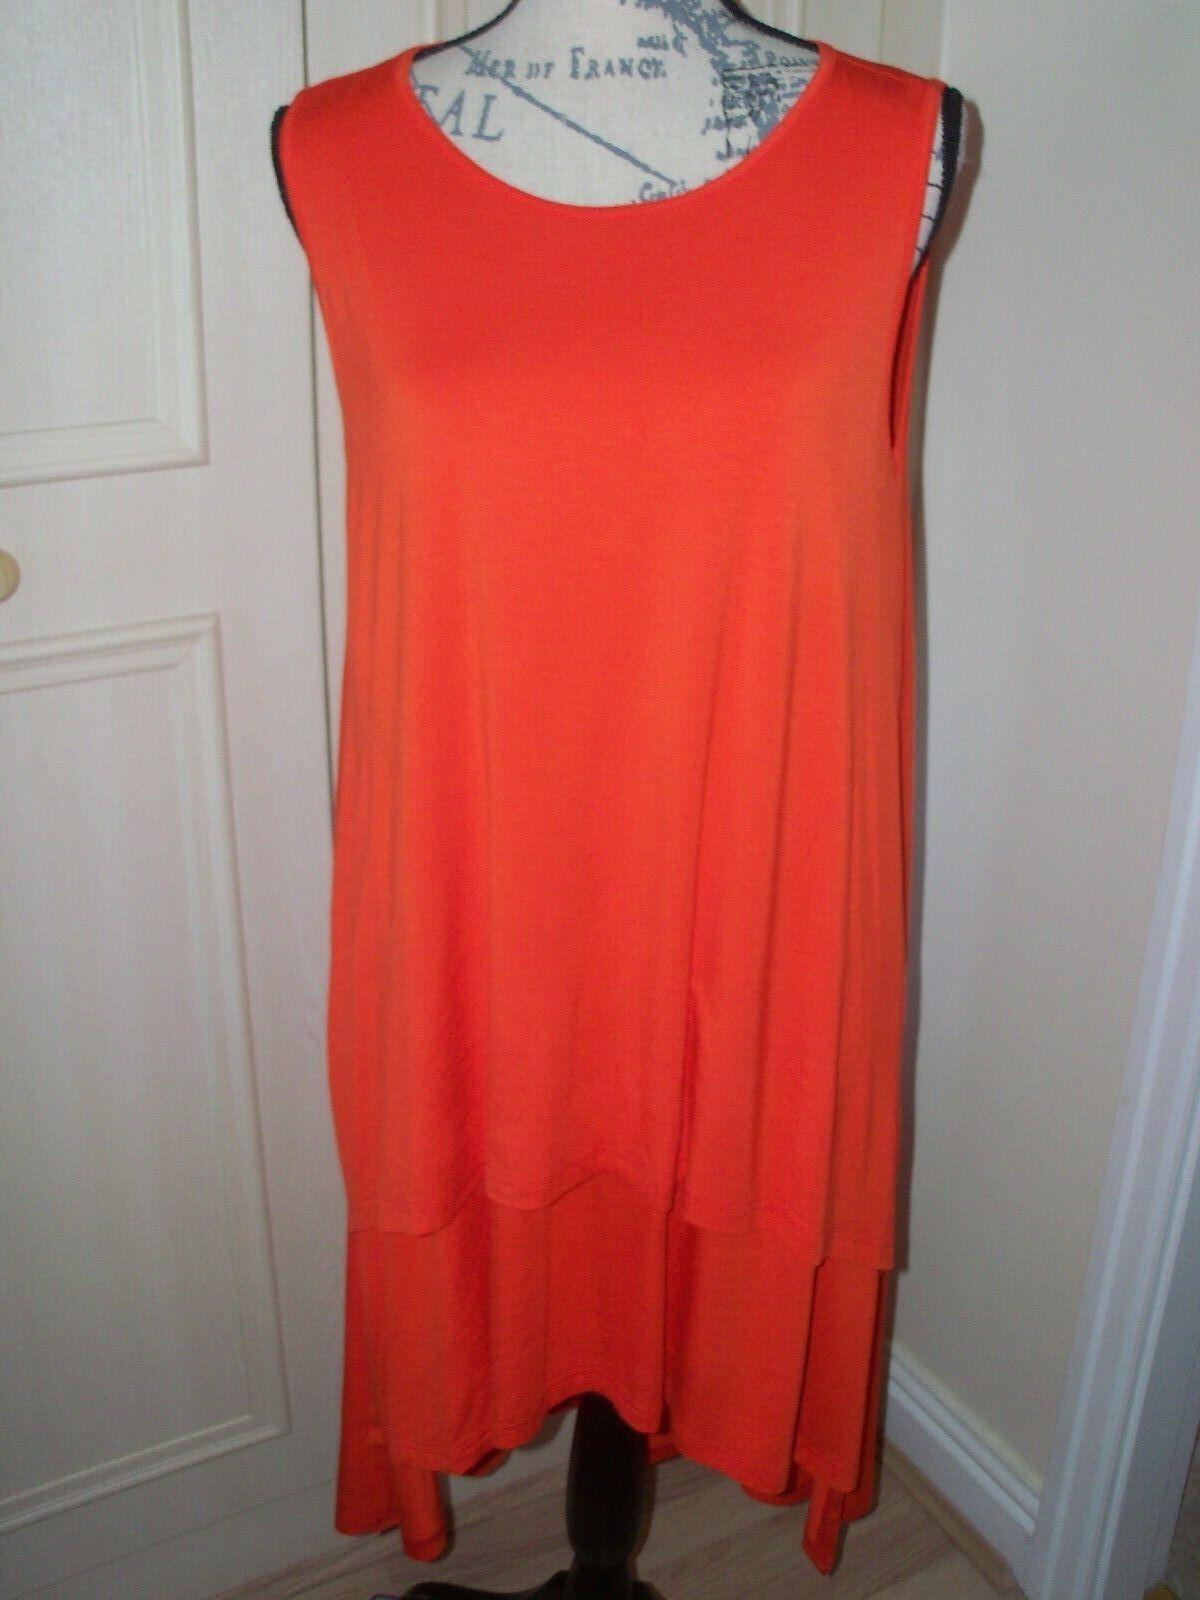 NEW JOIN CLOTHES Double Layer Tunic Dress - Tomatoe Größe Large | Spezielle Funktion  | Schnelle Lieferung  | Schön und charmant  | Export  | Ausgezeichnet